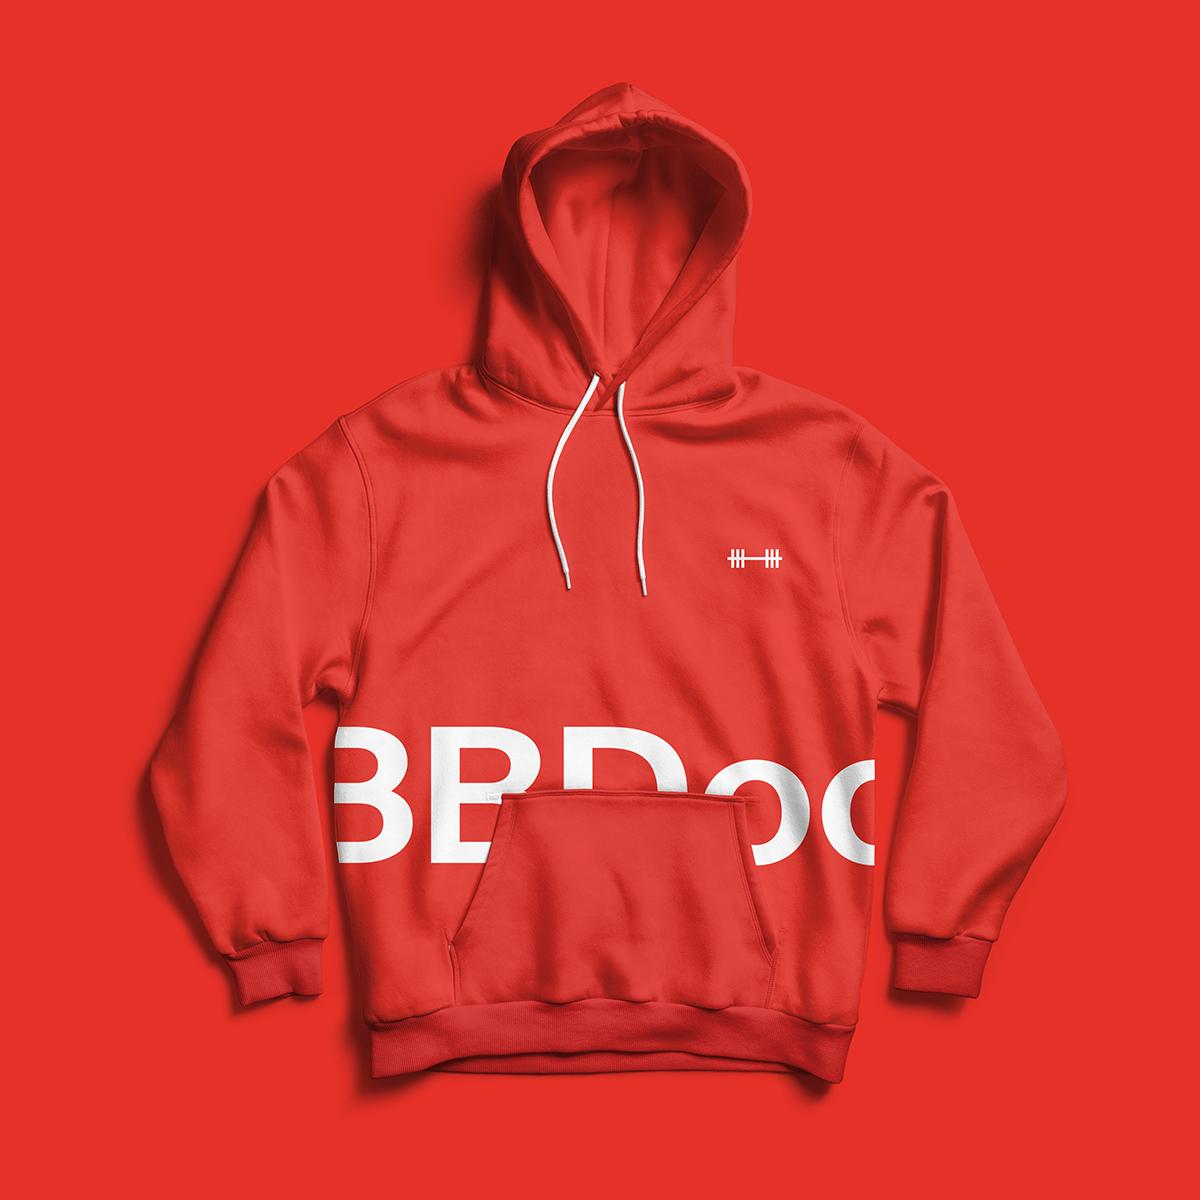 mattscholz-bbdoc-10-1